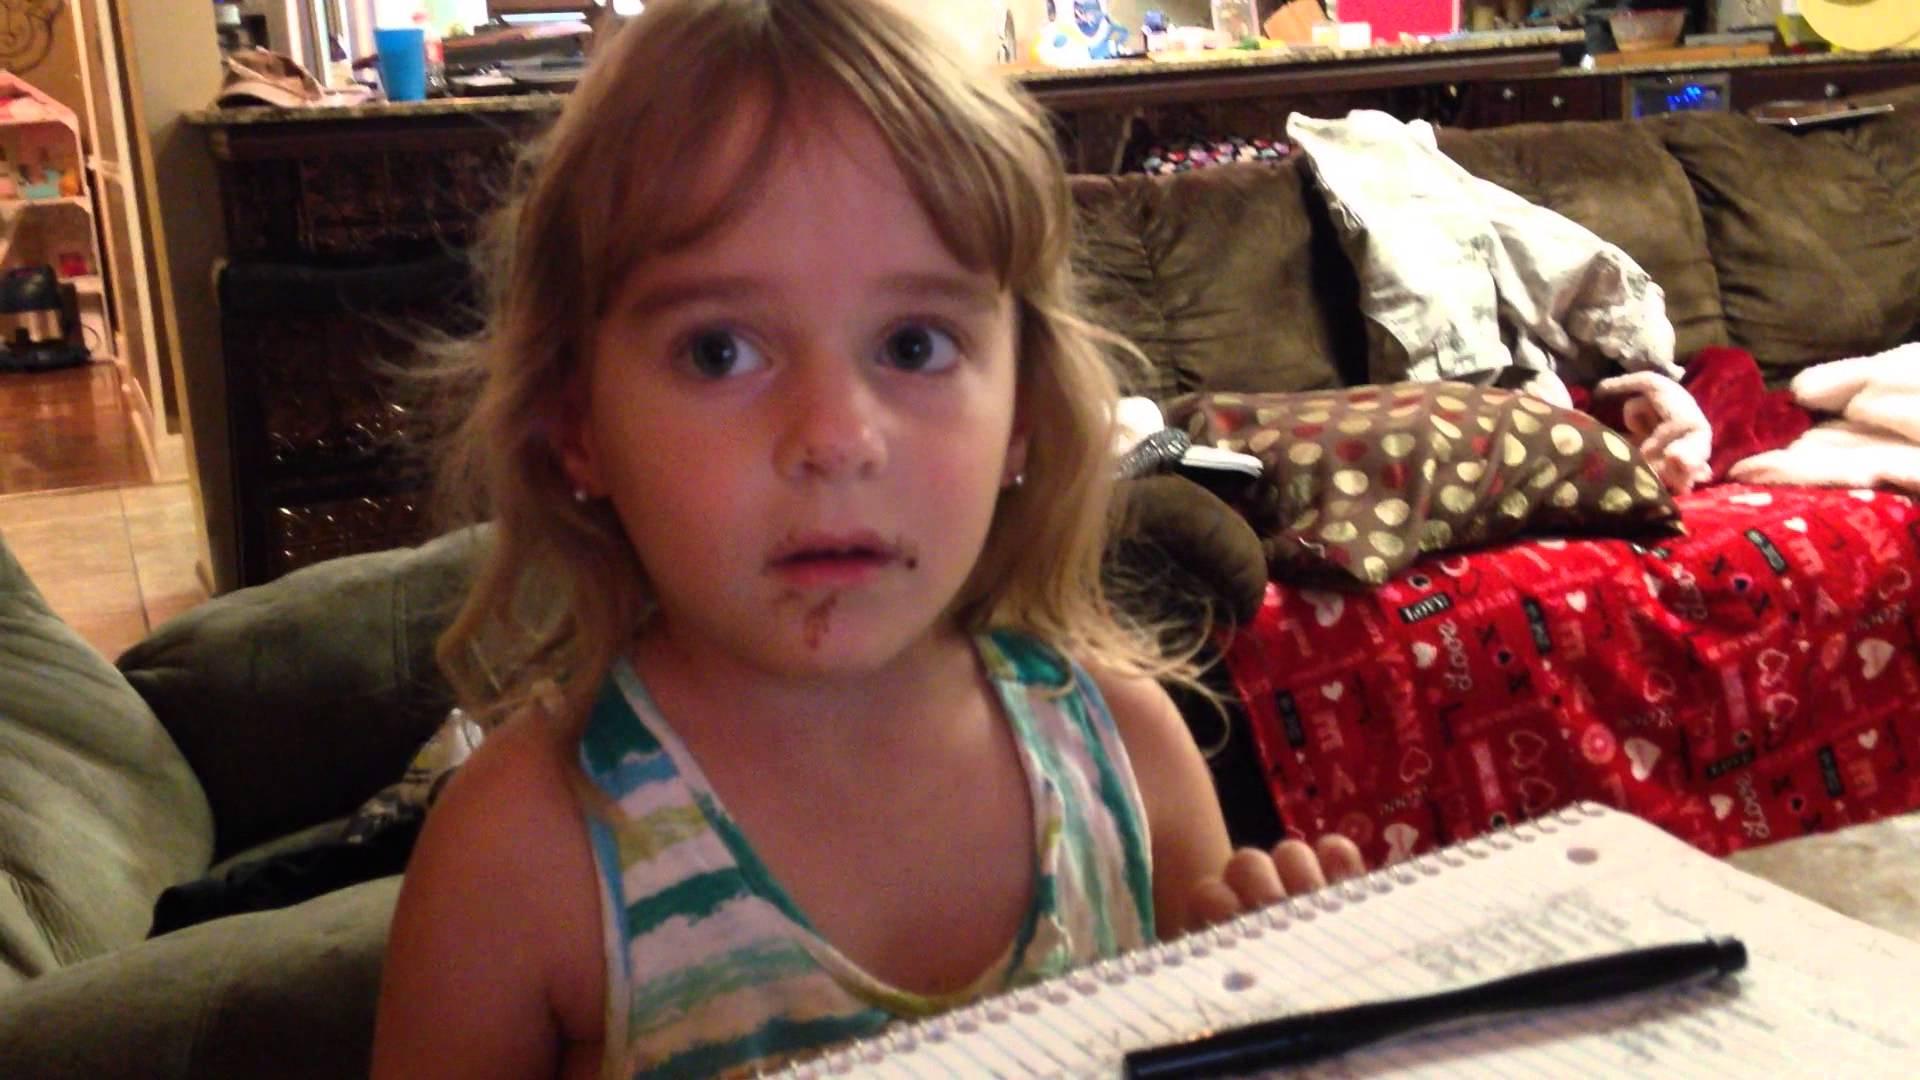 チョコレートドーナツを食べたのに嘘をつく少女が面白い